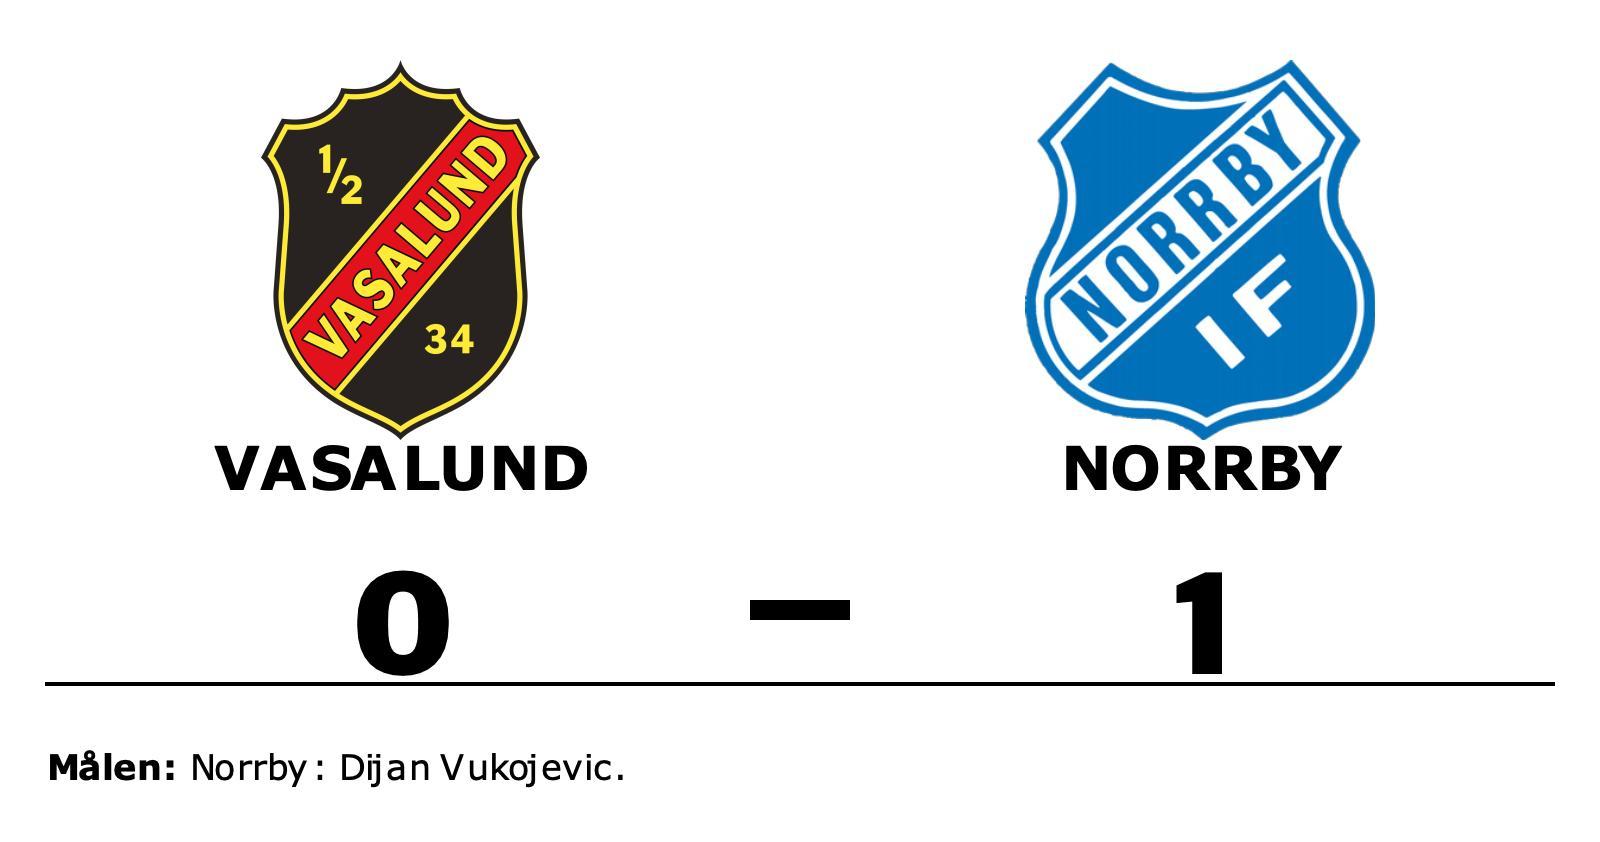 Dijan Vukojevic matchhjälte för Norrby borta mot Vasalund